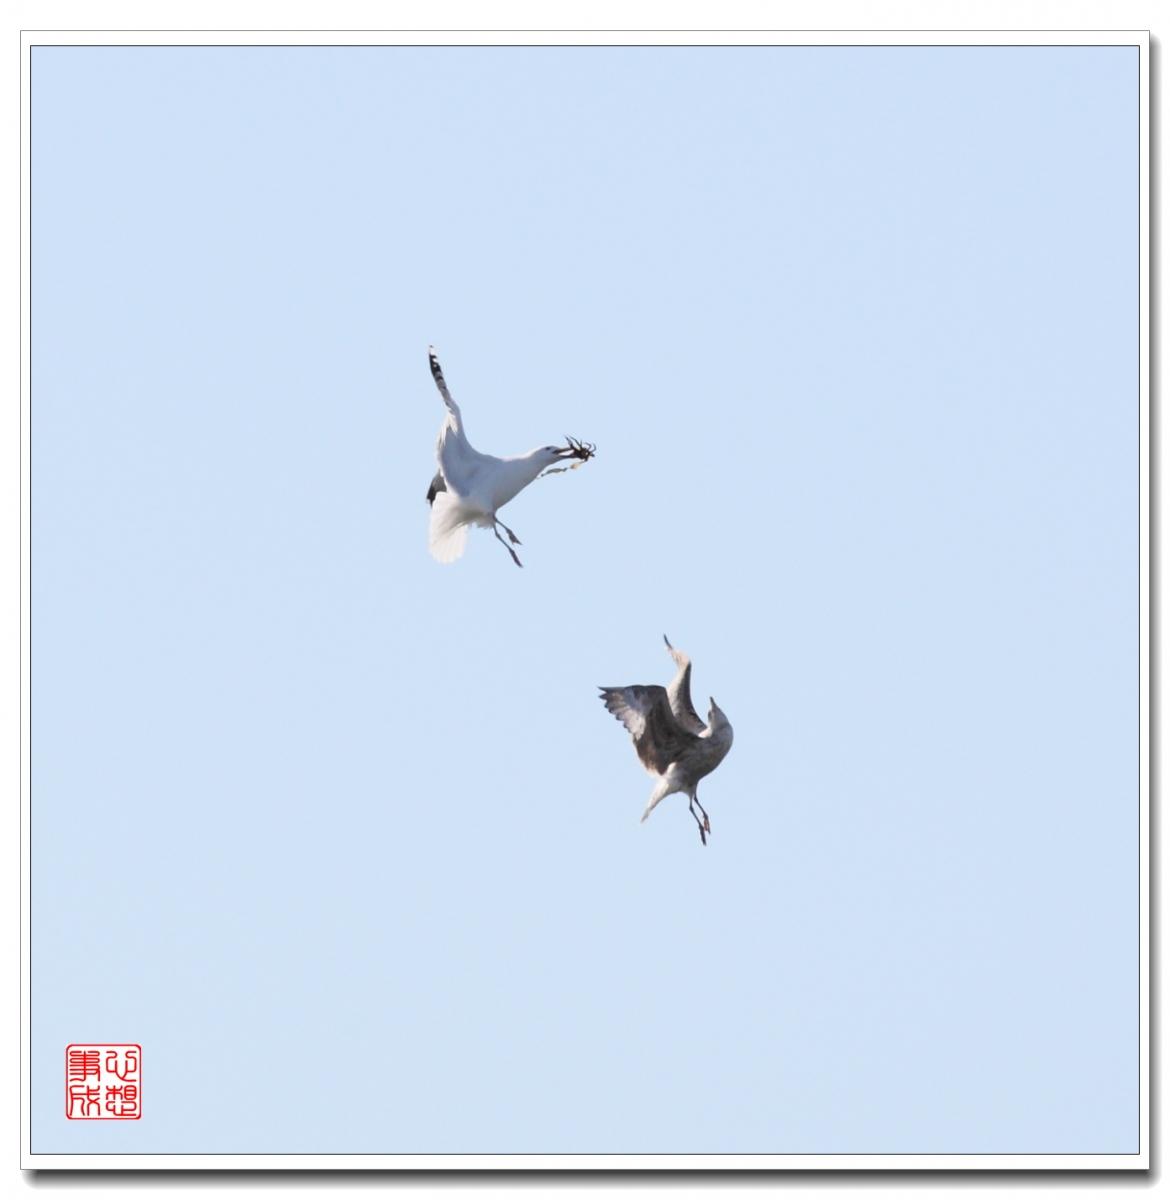 【心想事成】空中表演-海鸥_图1-19